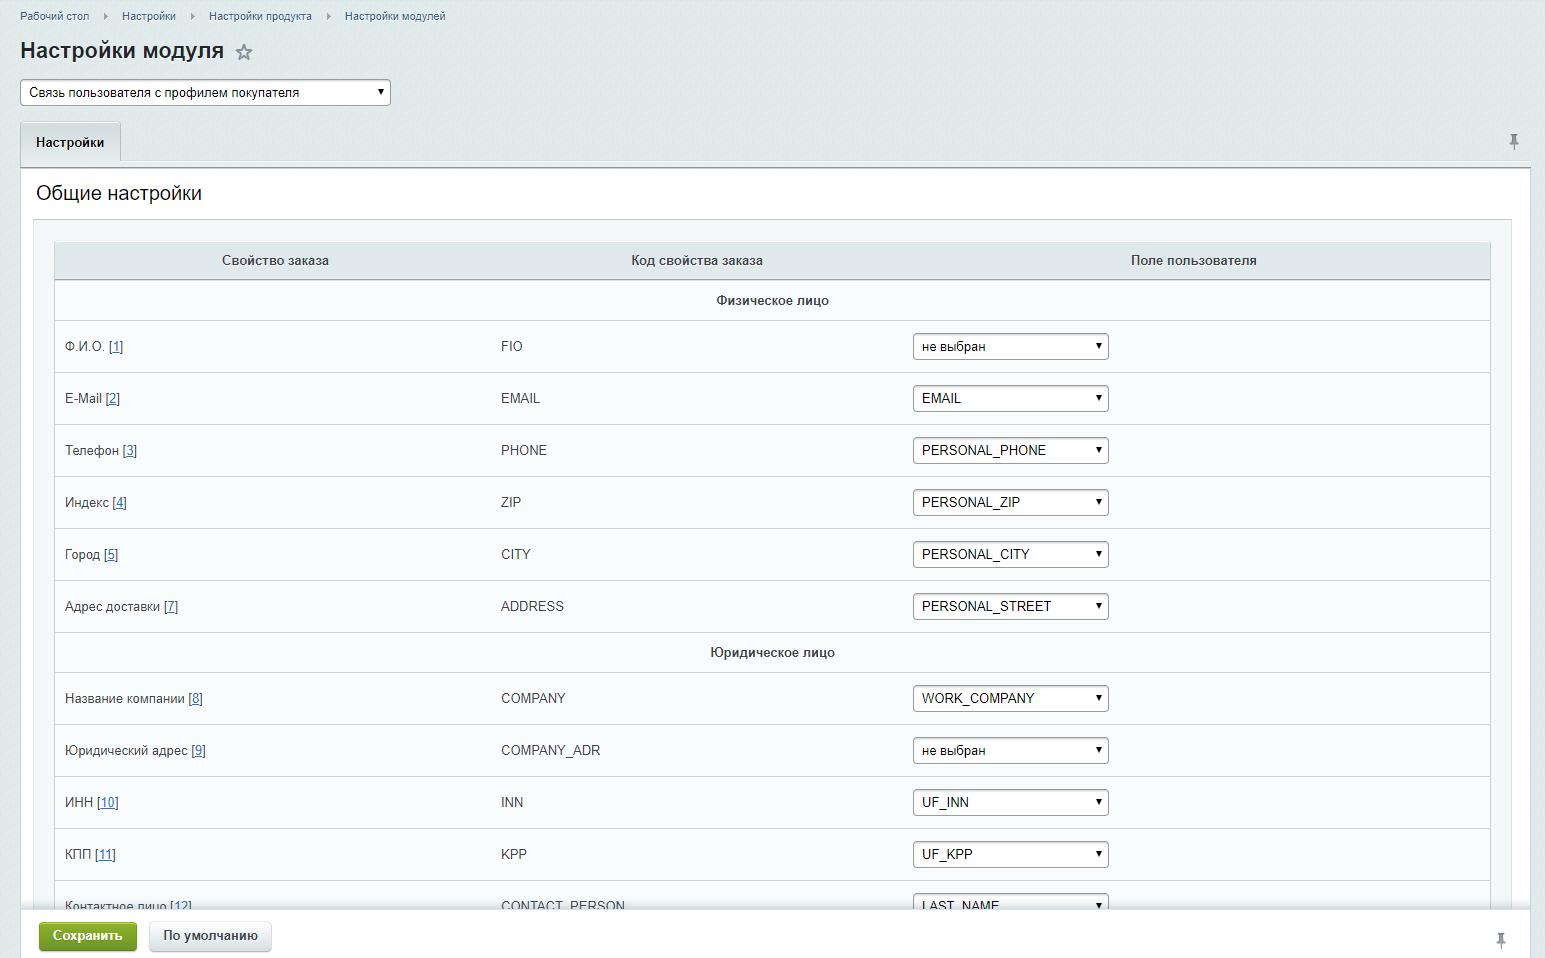 Битрикс профиль покупателя битрикс скриншоты